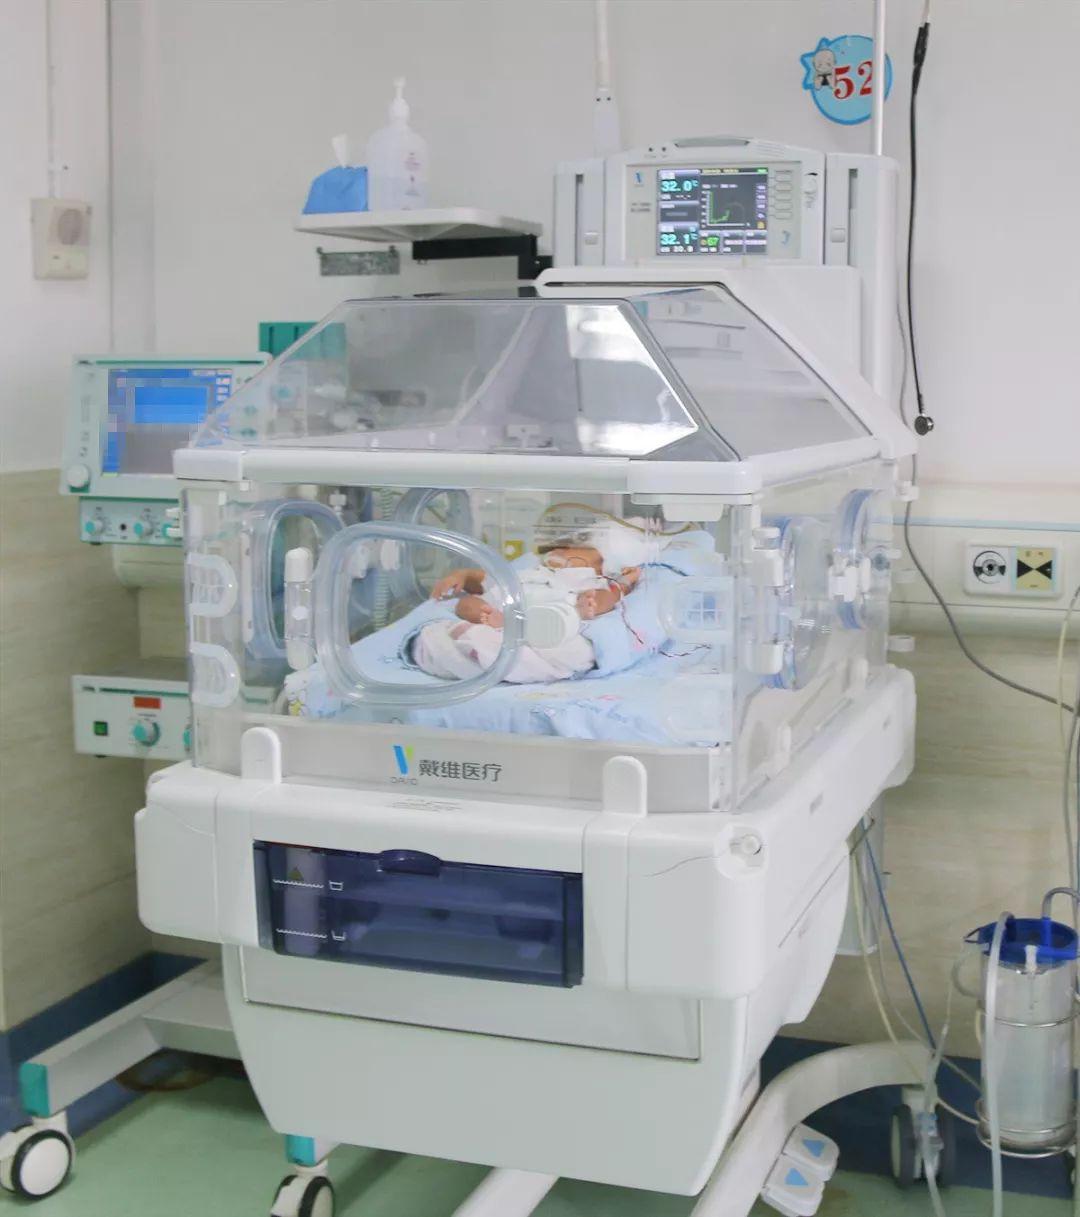 24周700克袖珍胎儿希希洗了人生的第一个澡……